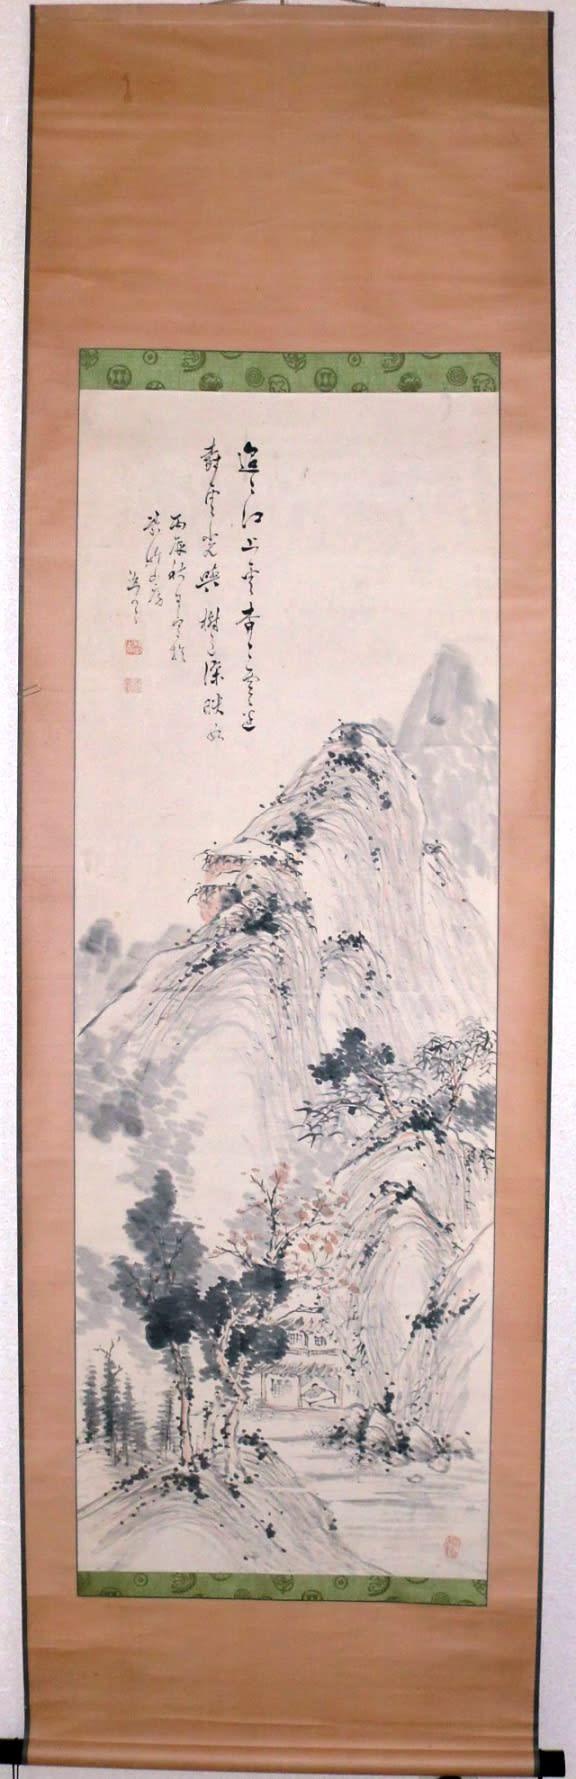 浅絳秋景山水図 木下逸雲筆 - 夜噺骨董談義